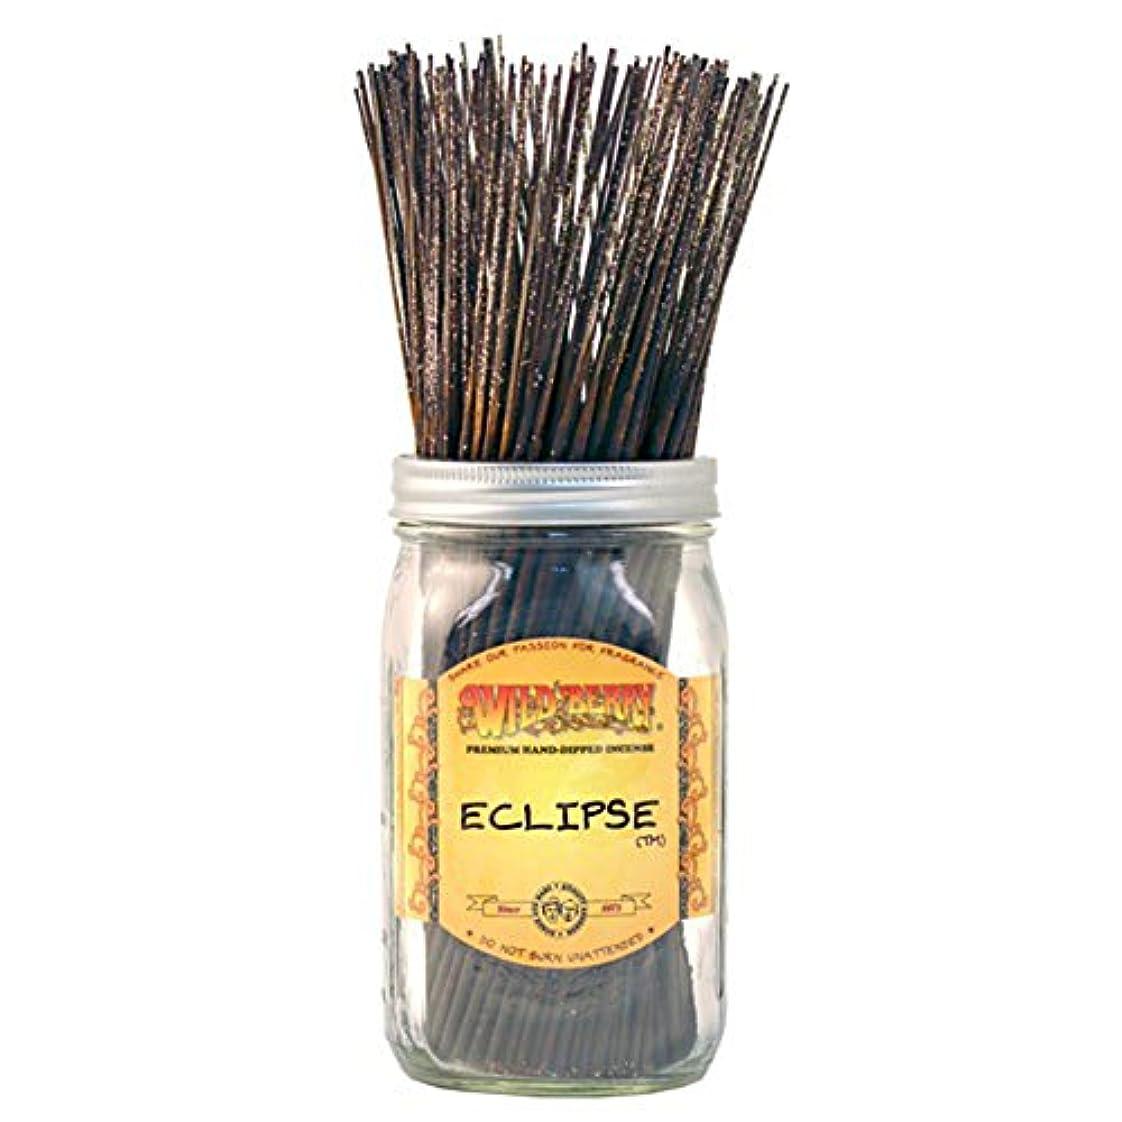 啓示ラフレシアアルノルディポーターWild Berry Eclipse, Highly Fragranced Incense Sticksバルクパック、100ピース、11インチ